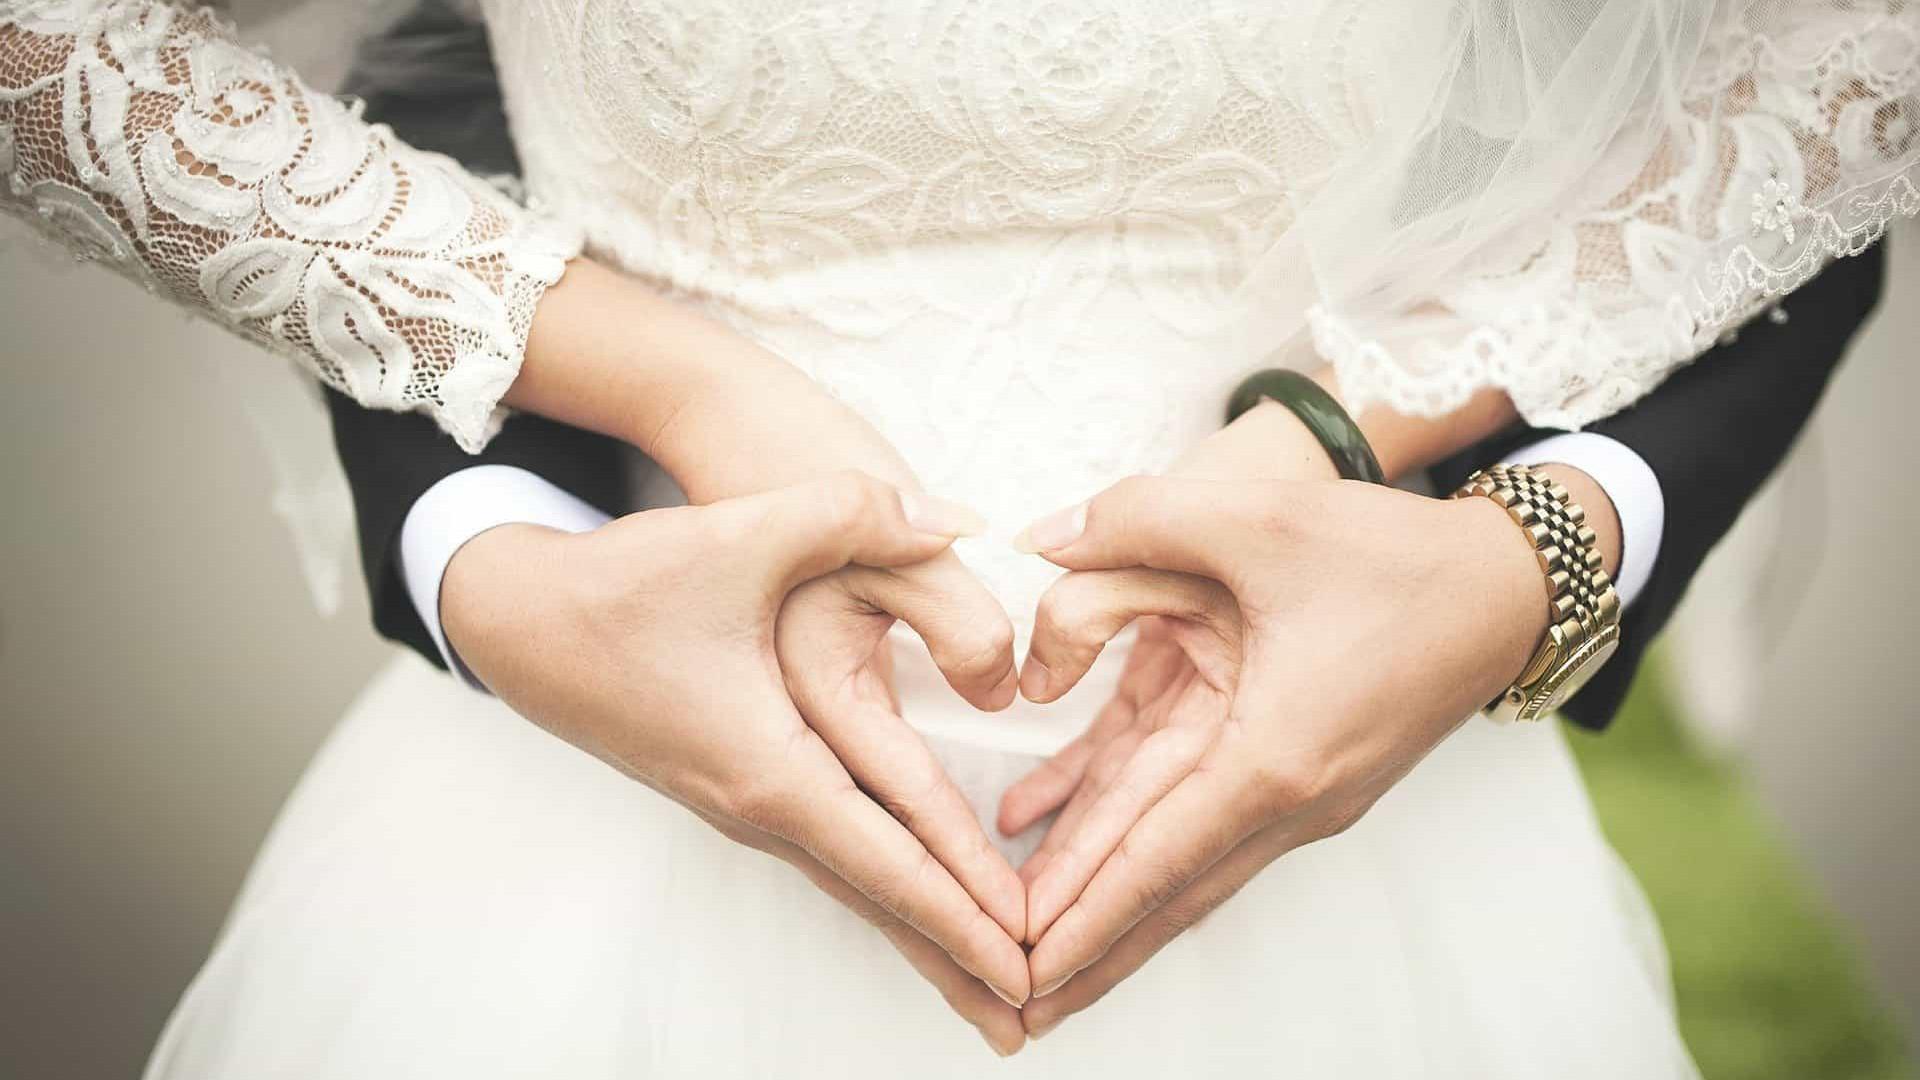 Confinados, casais lutam contra dificuldades da hiperconvivência